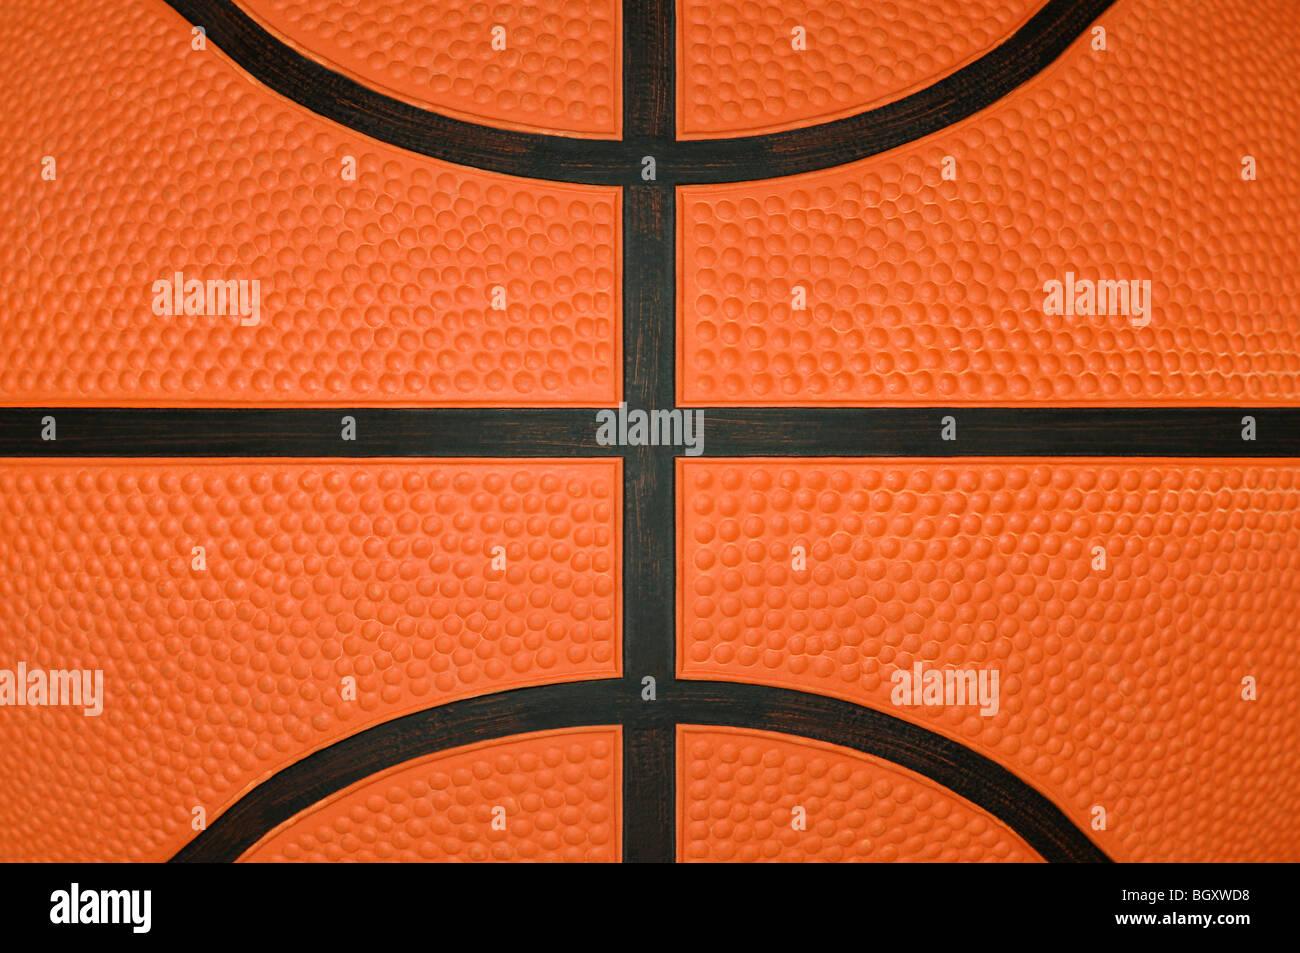 Basketball hautnah Stockbild